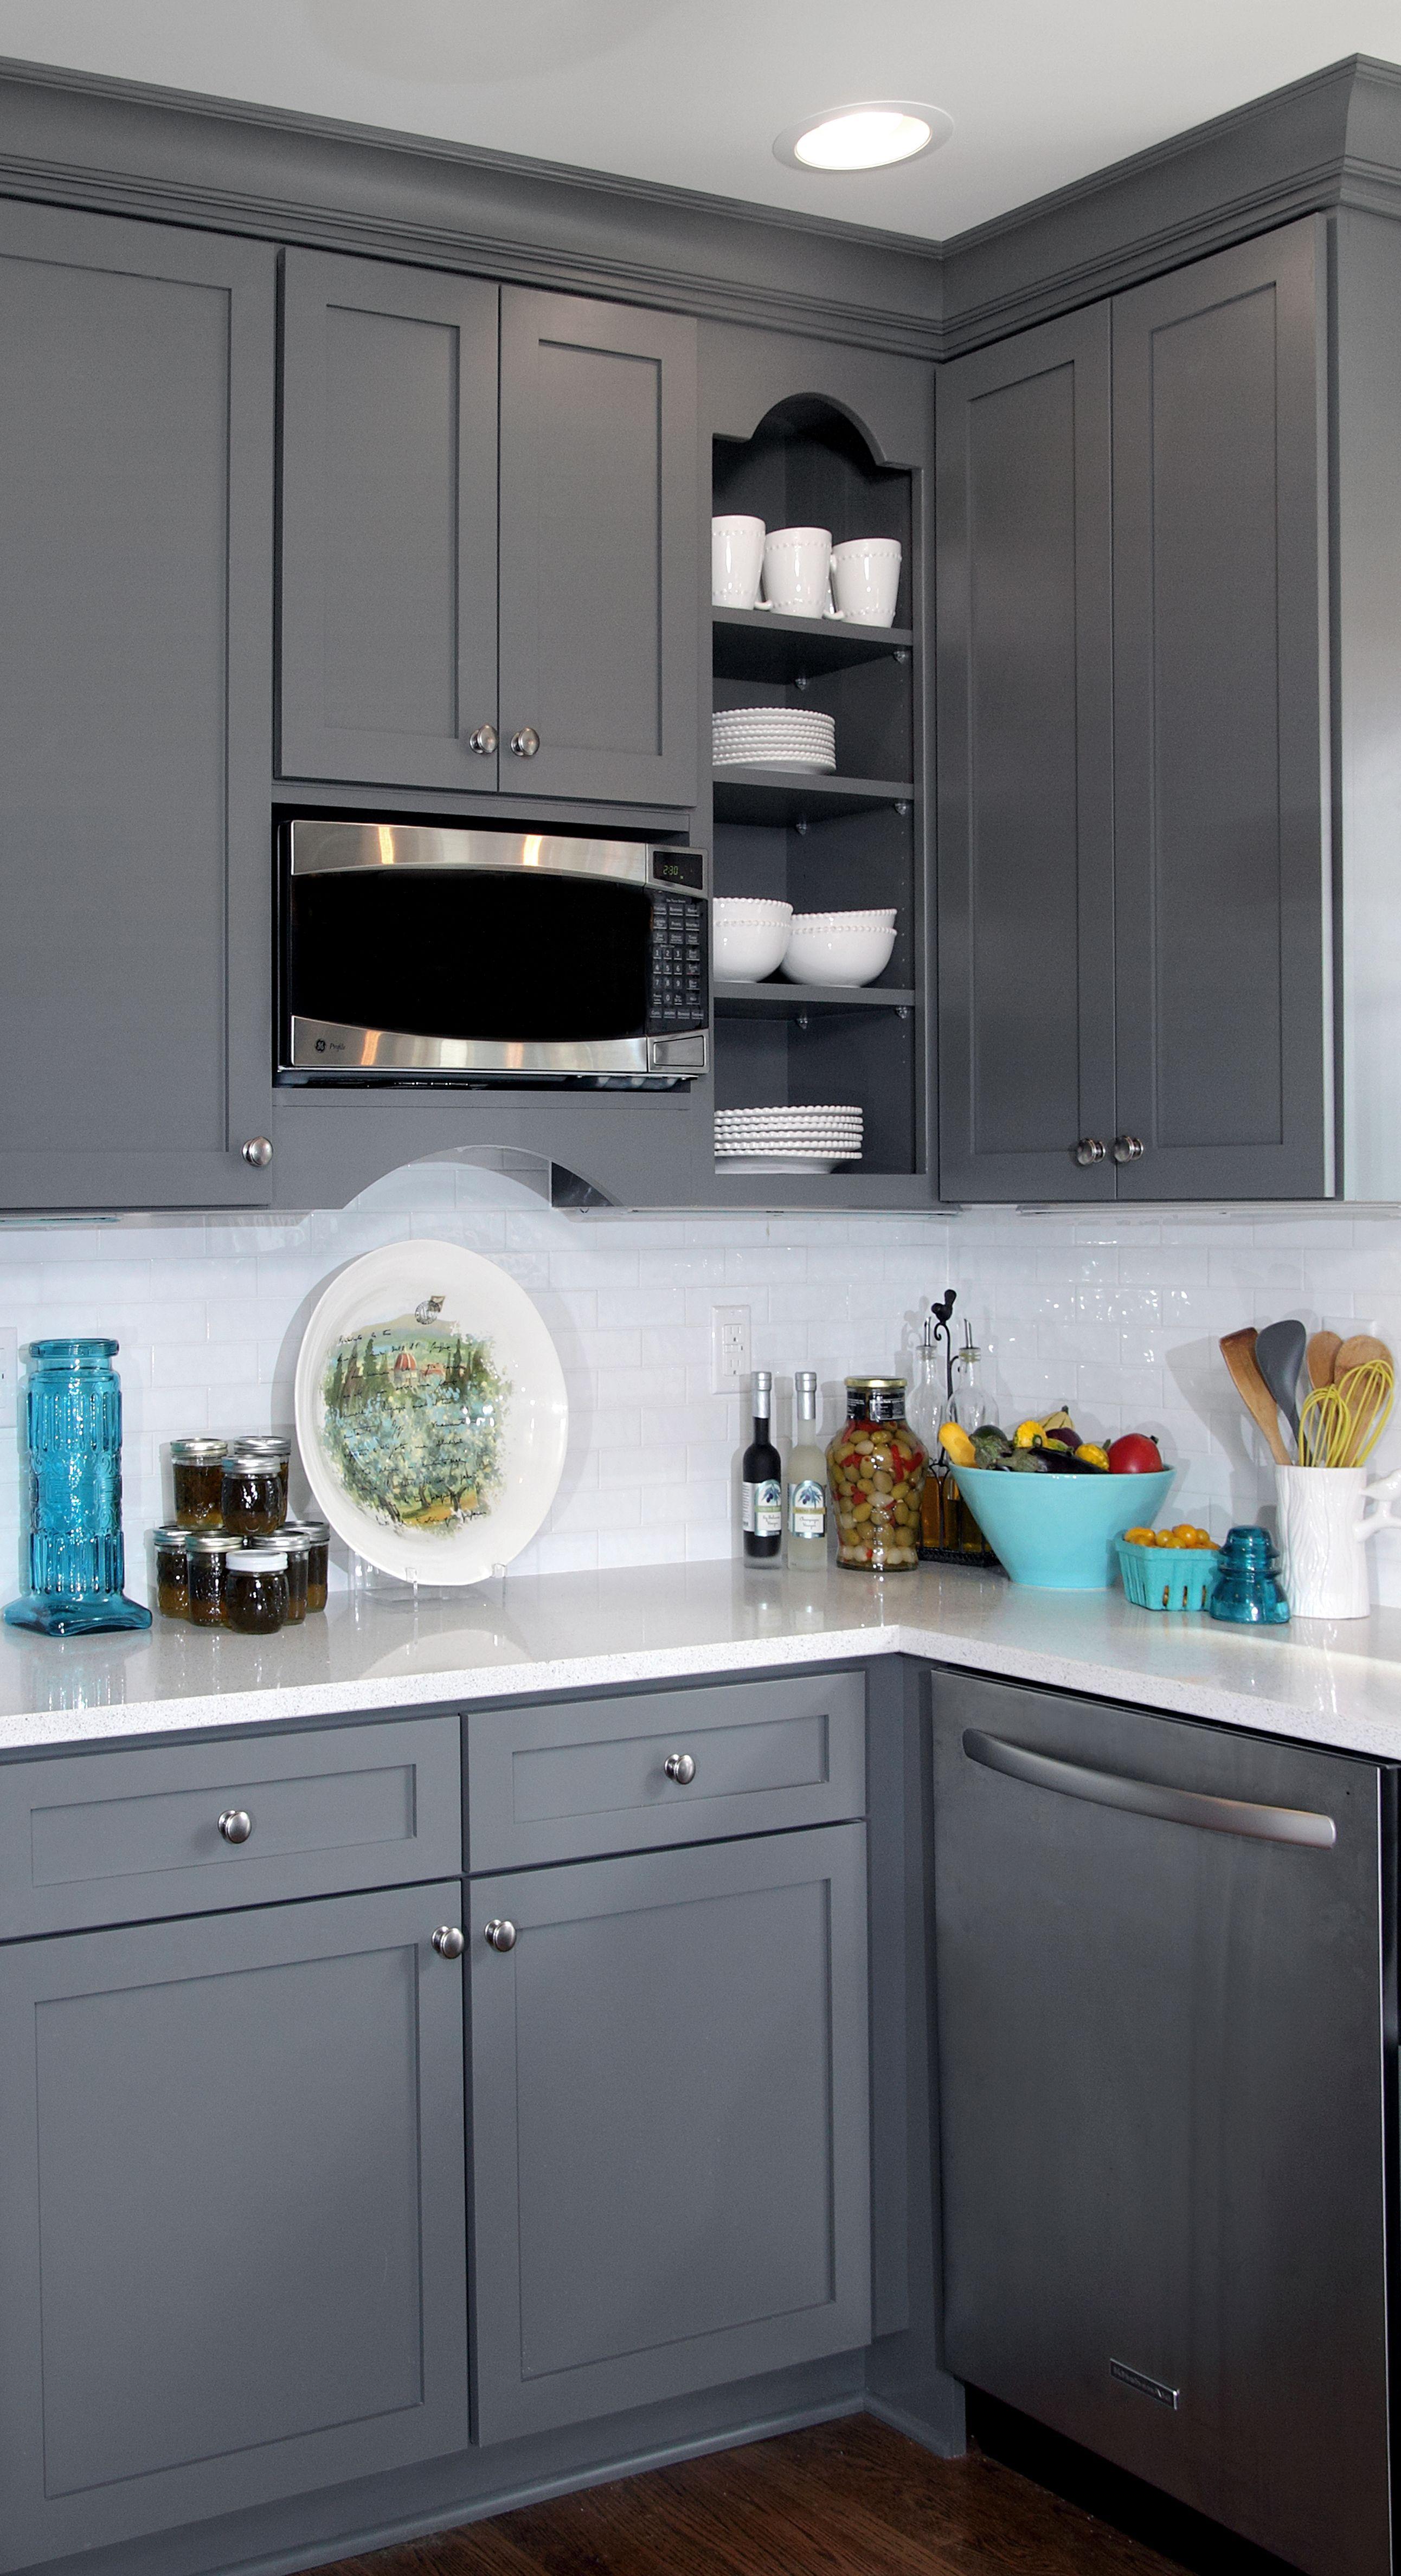 Best 21 Creative Grey Kitchen Cabinet Ideas For Your Kitchen 400 x 300